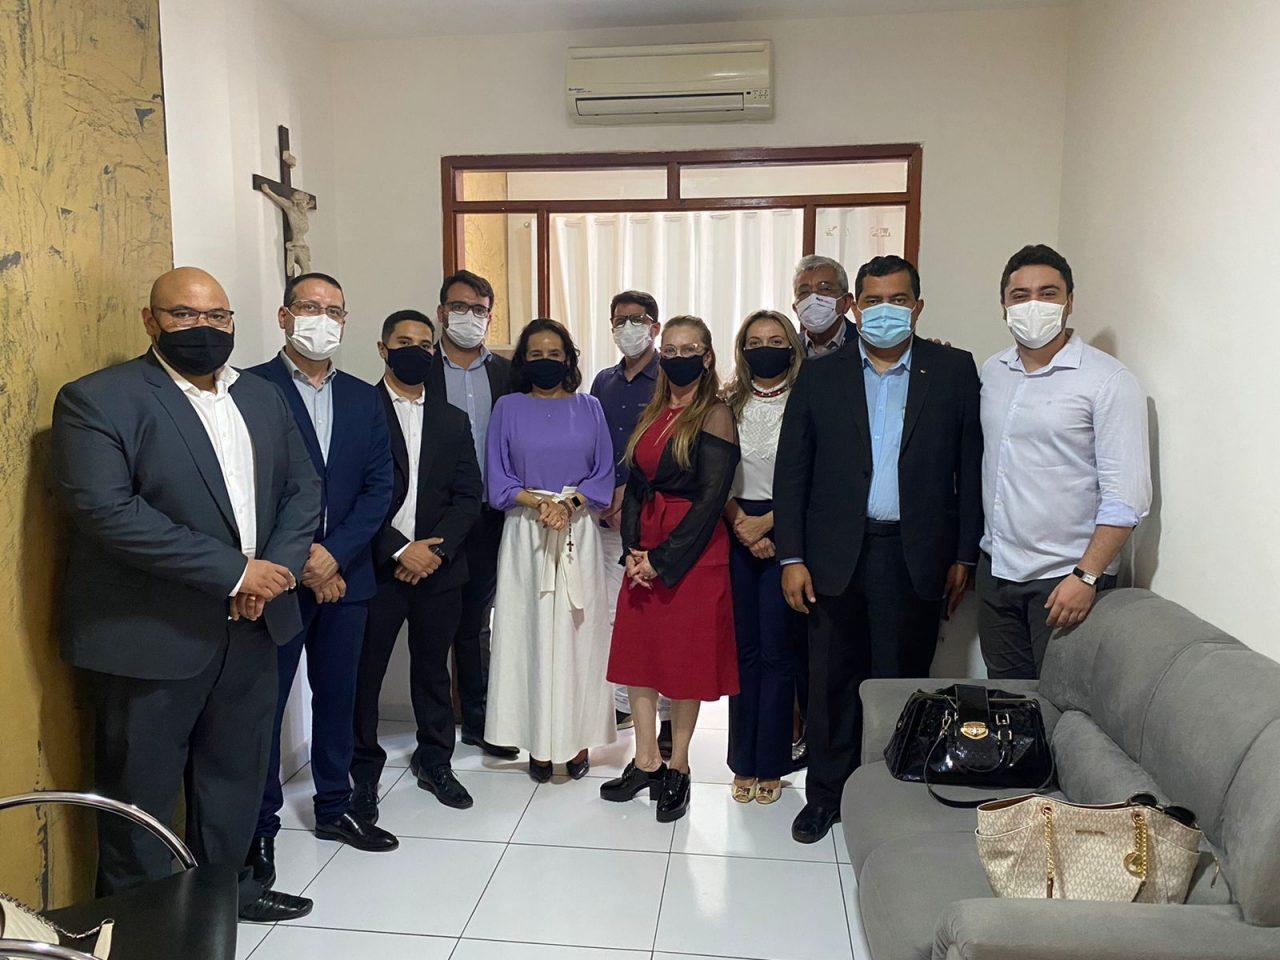 WhatsApp Image 2021 09 29 at 12.47.21 scaled - Maria Cristina Santiago visita cidades do sertão e reafirma compromisso com a interiorização da Ordem